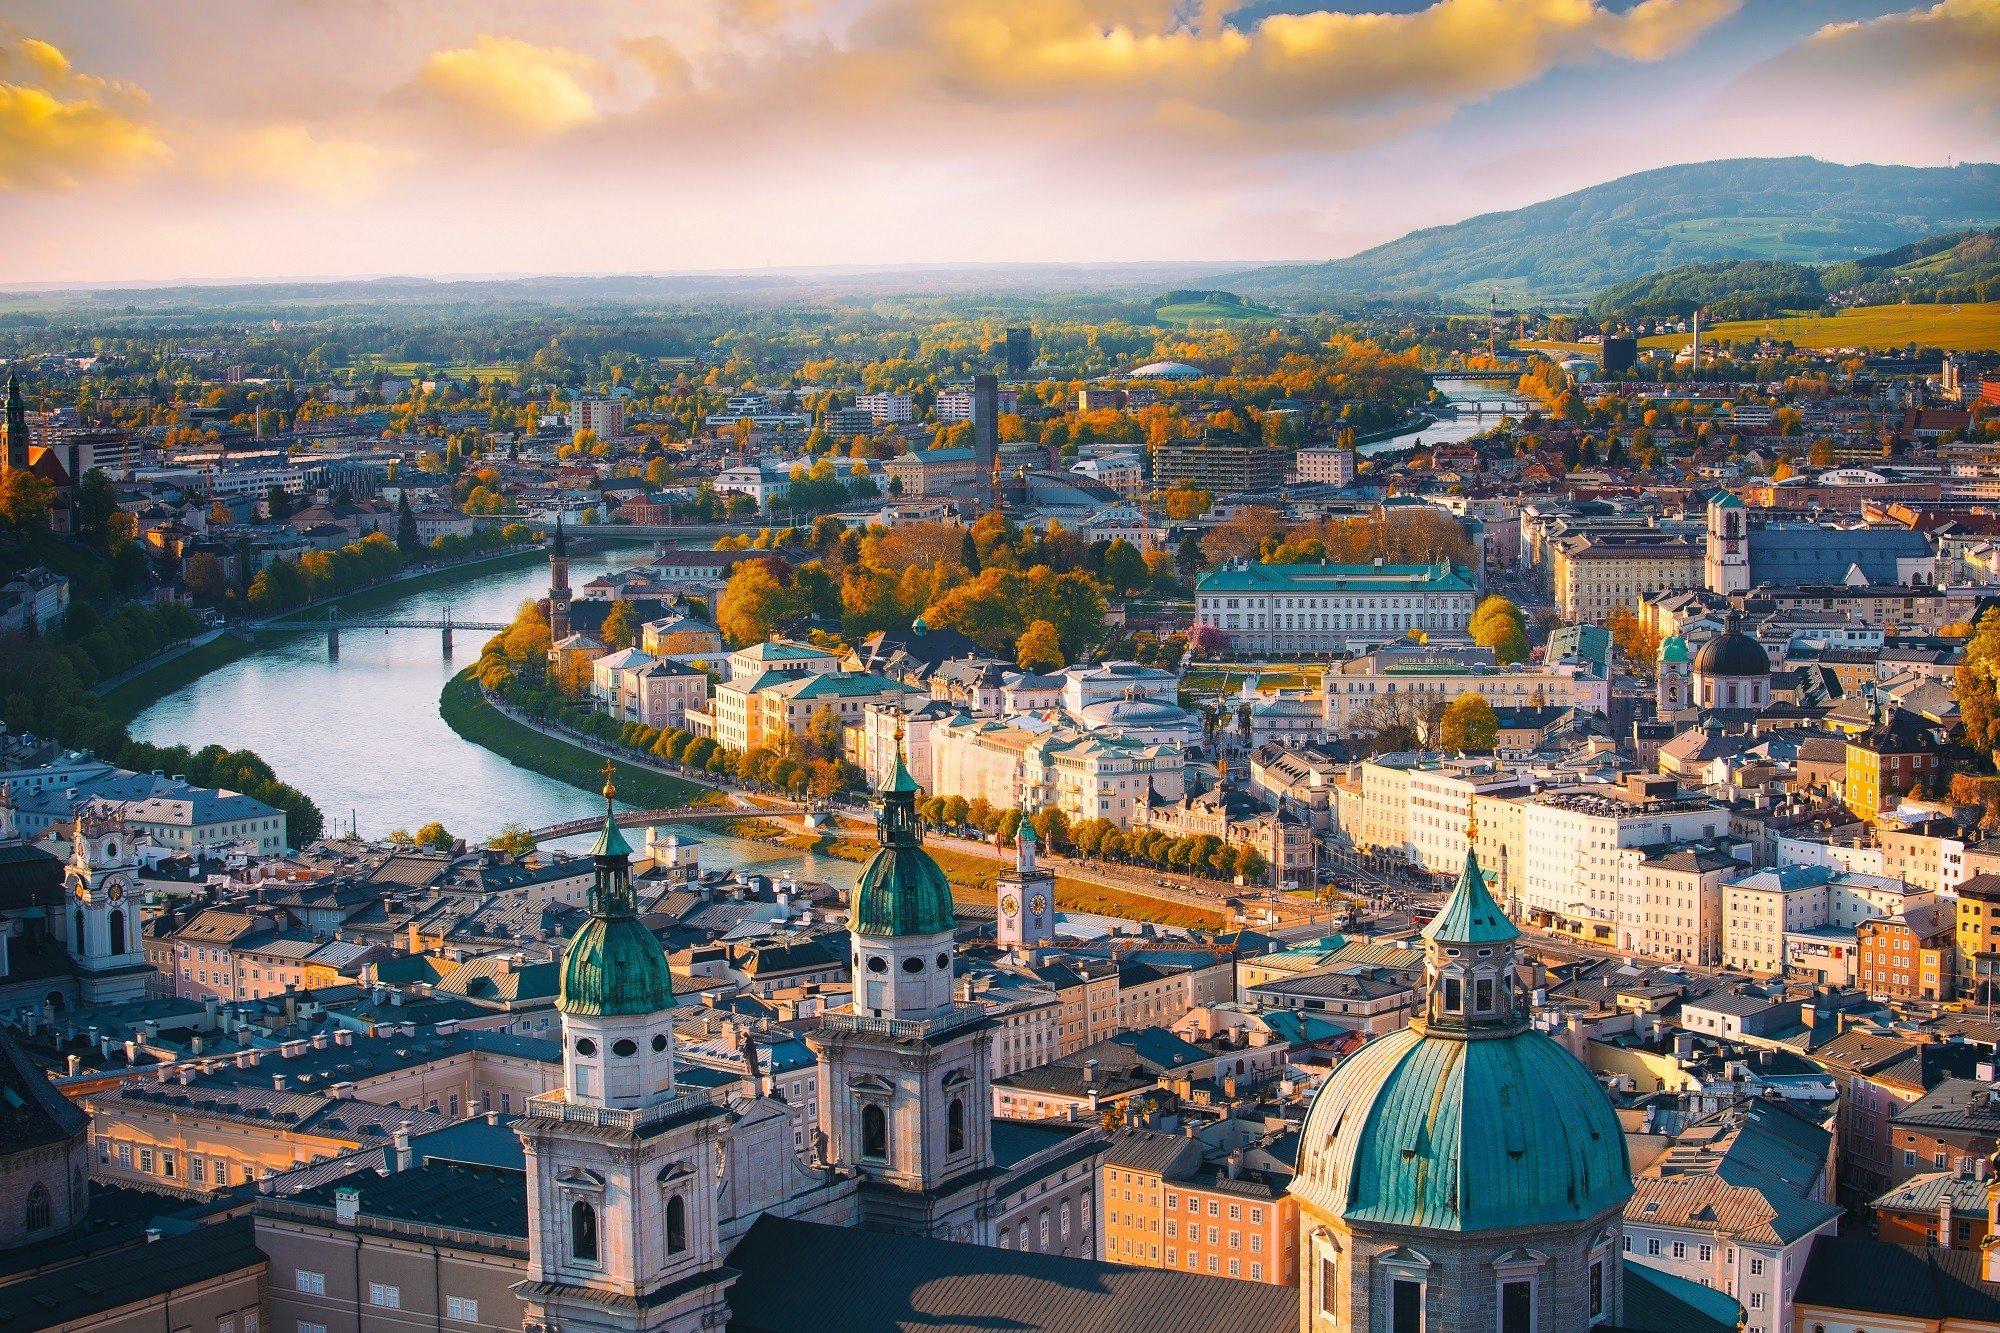 4-Stedentrip naar Wenen incl. verblijf in centraal gelegen hotel incl. vlucht